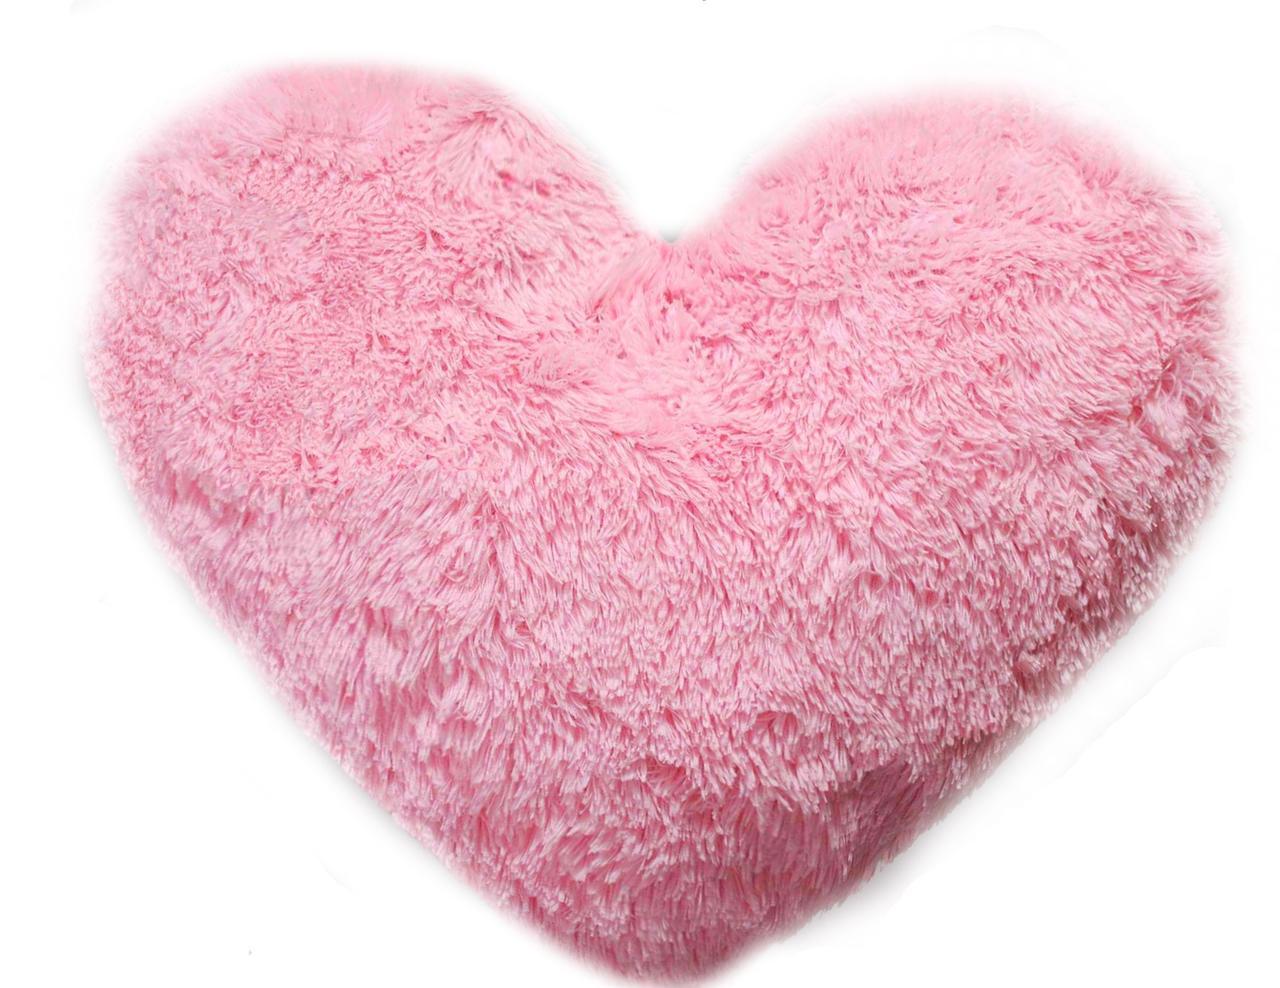 Іграшка DIZZY подушка Серце 50 см рожевий